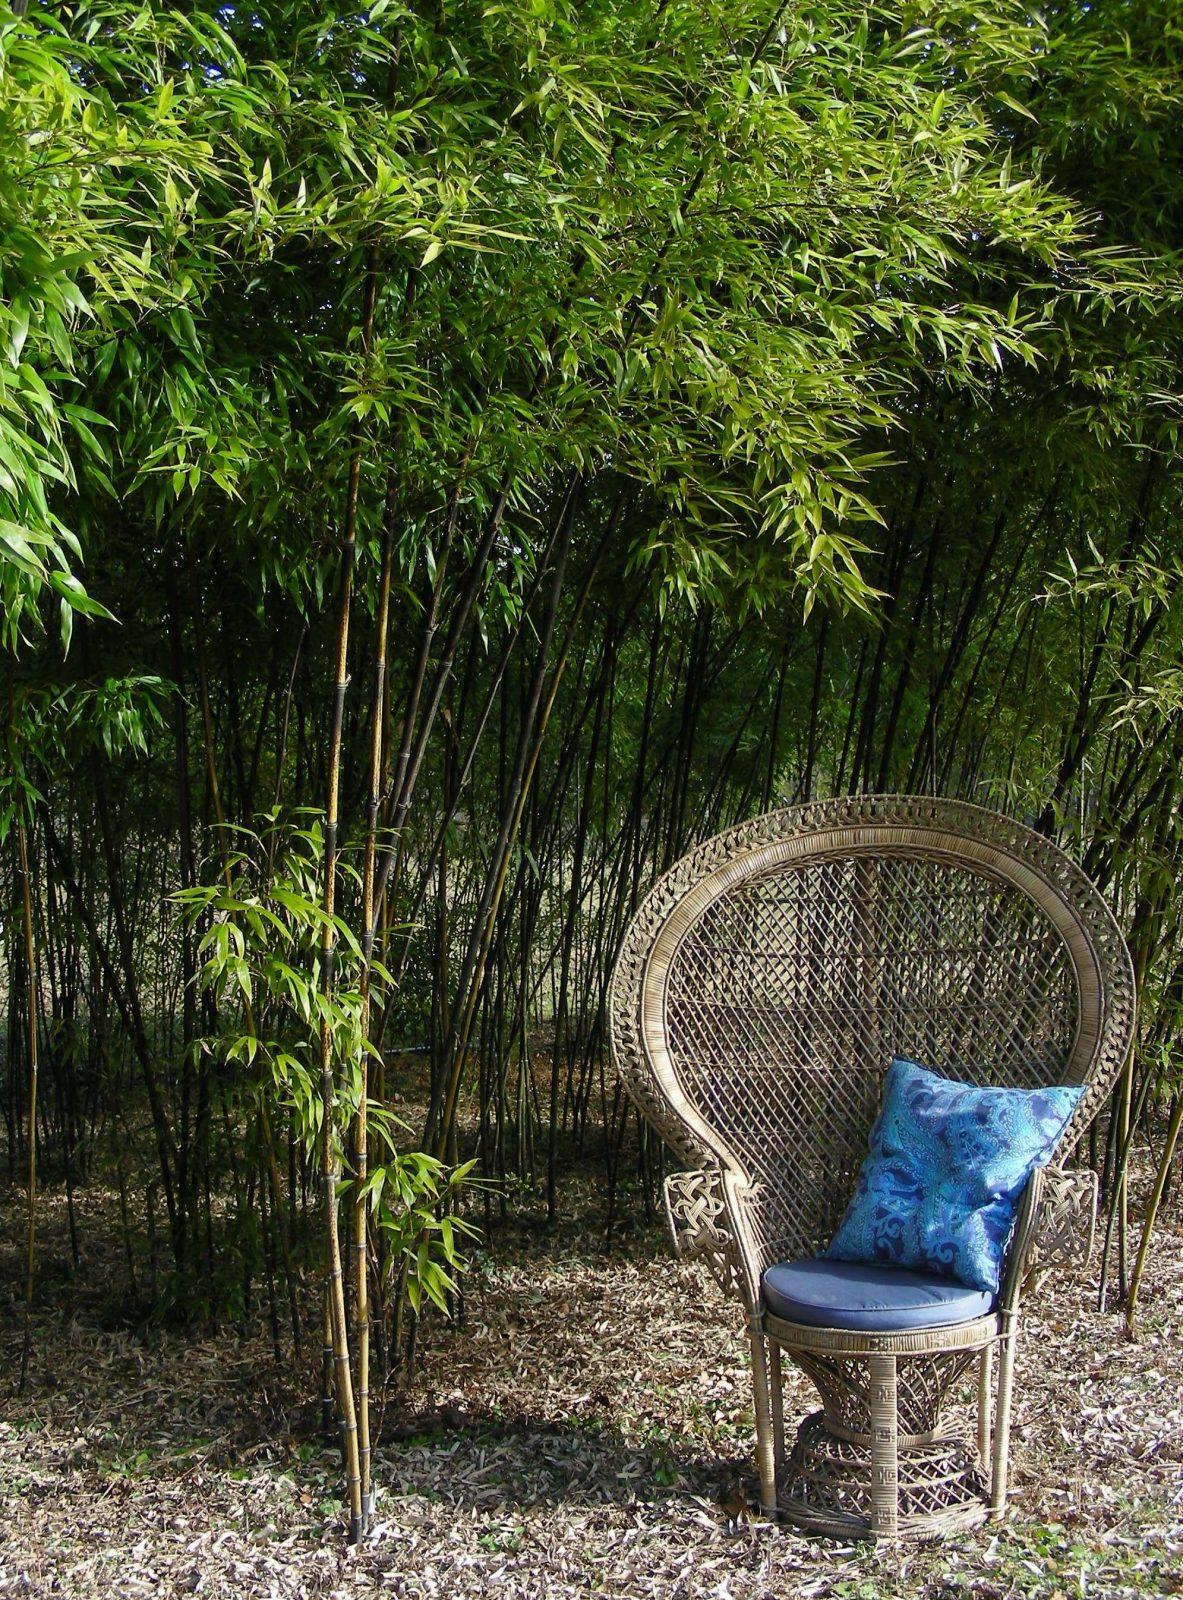 Flâneries parmi les bambous aux Jardins de Lornay